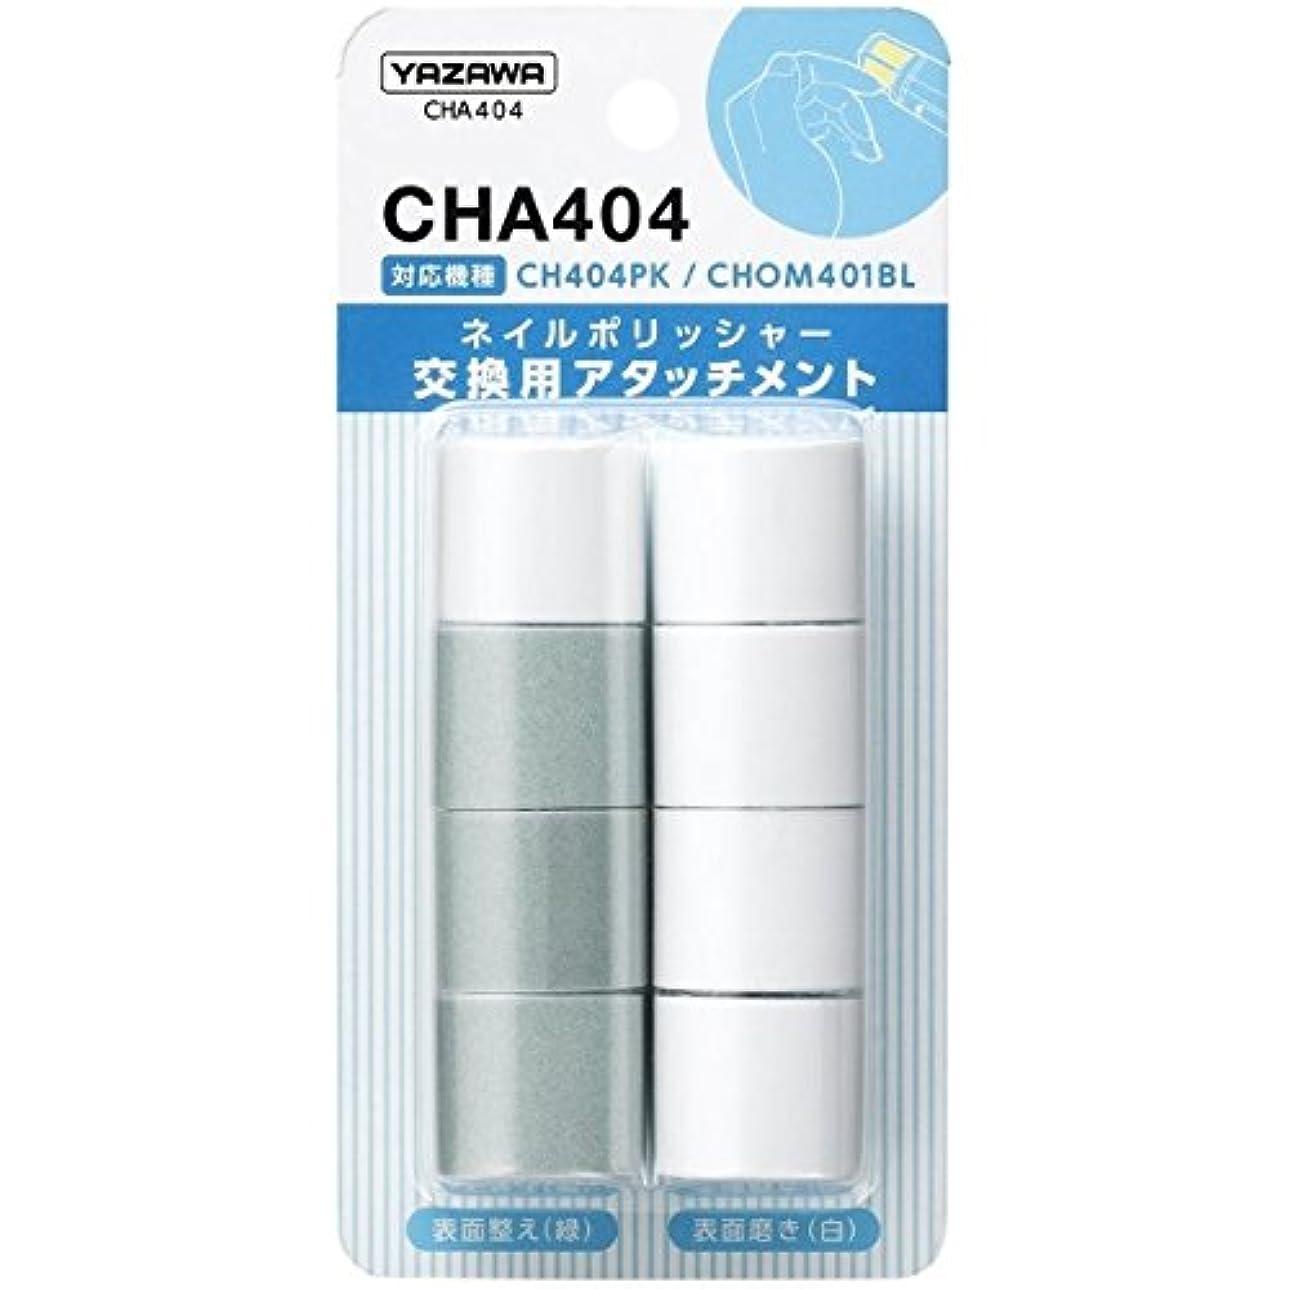 信号電子合唱団YAZAWA(ヤザワコーポレーション) ネイルポリッシャー交換用アタッチメント CHA404